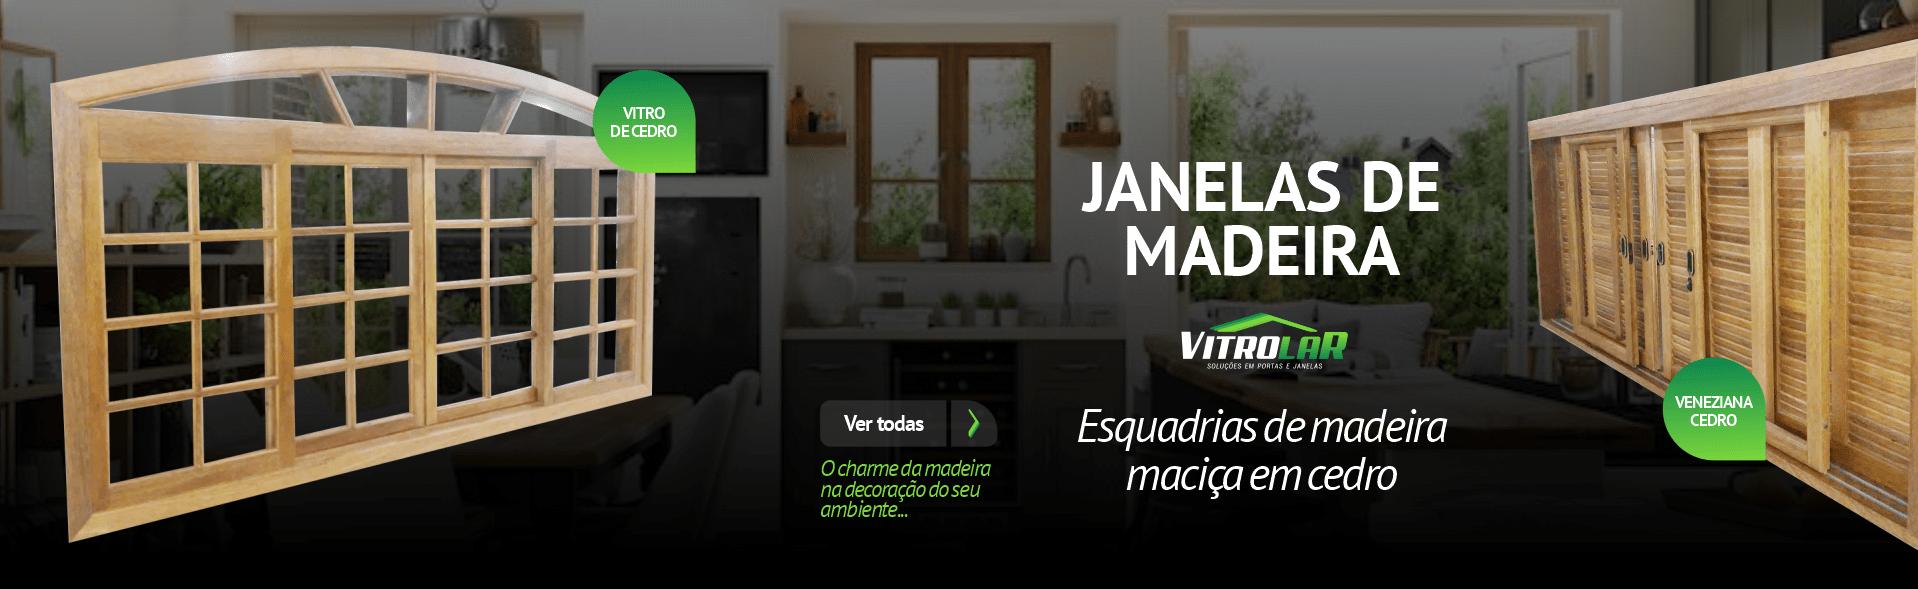 Janelas Madeira